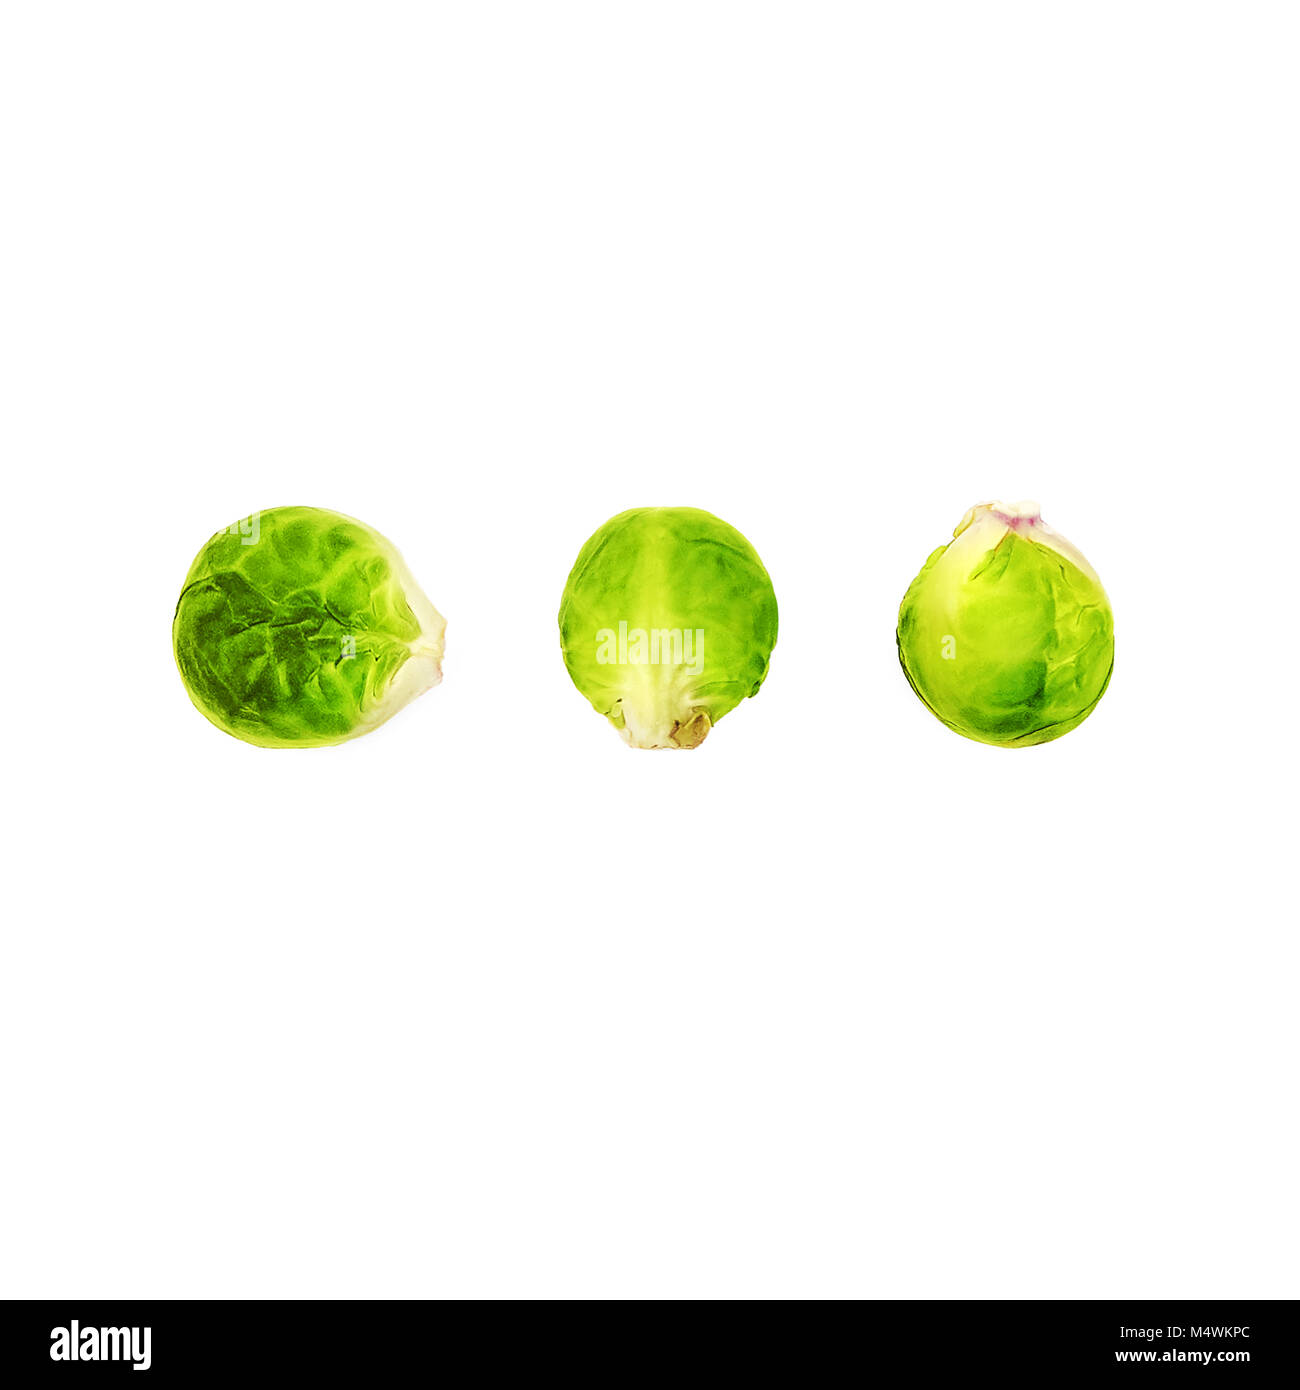 Choux de Bruxelles Vue de dessus trois fruits de choux de Bruxelles sont couché dans une rangée sur un fond blanc Banque D'Images